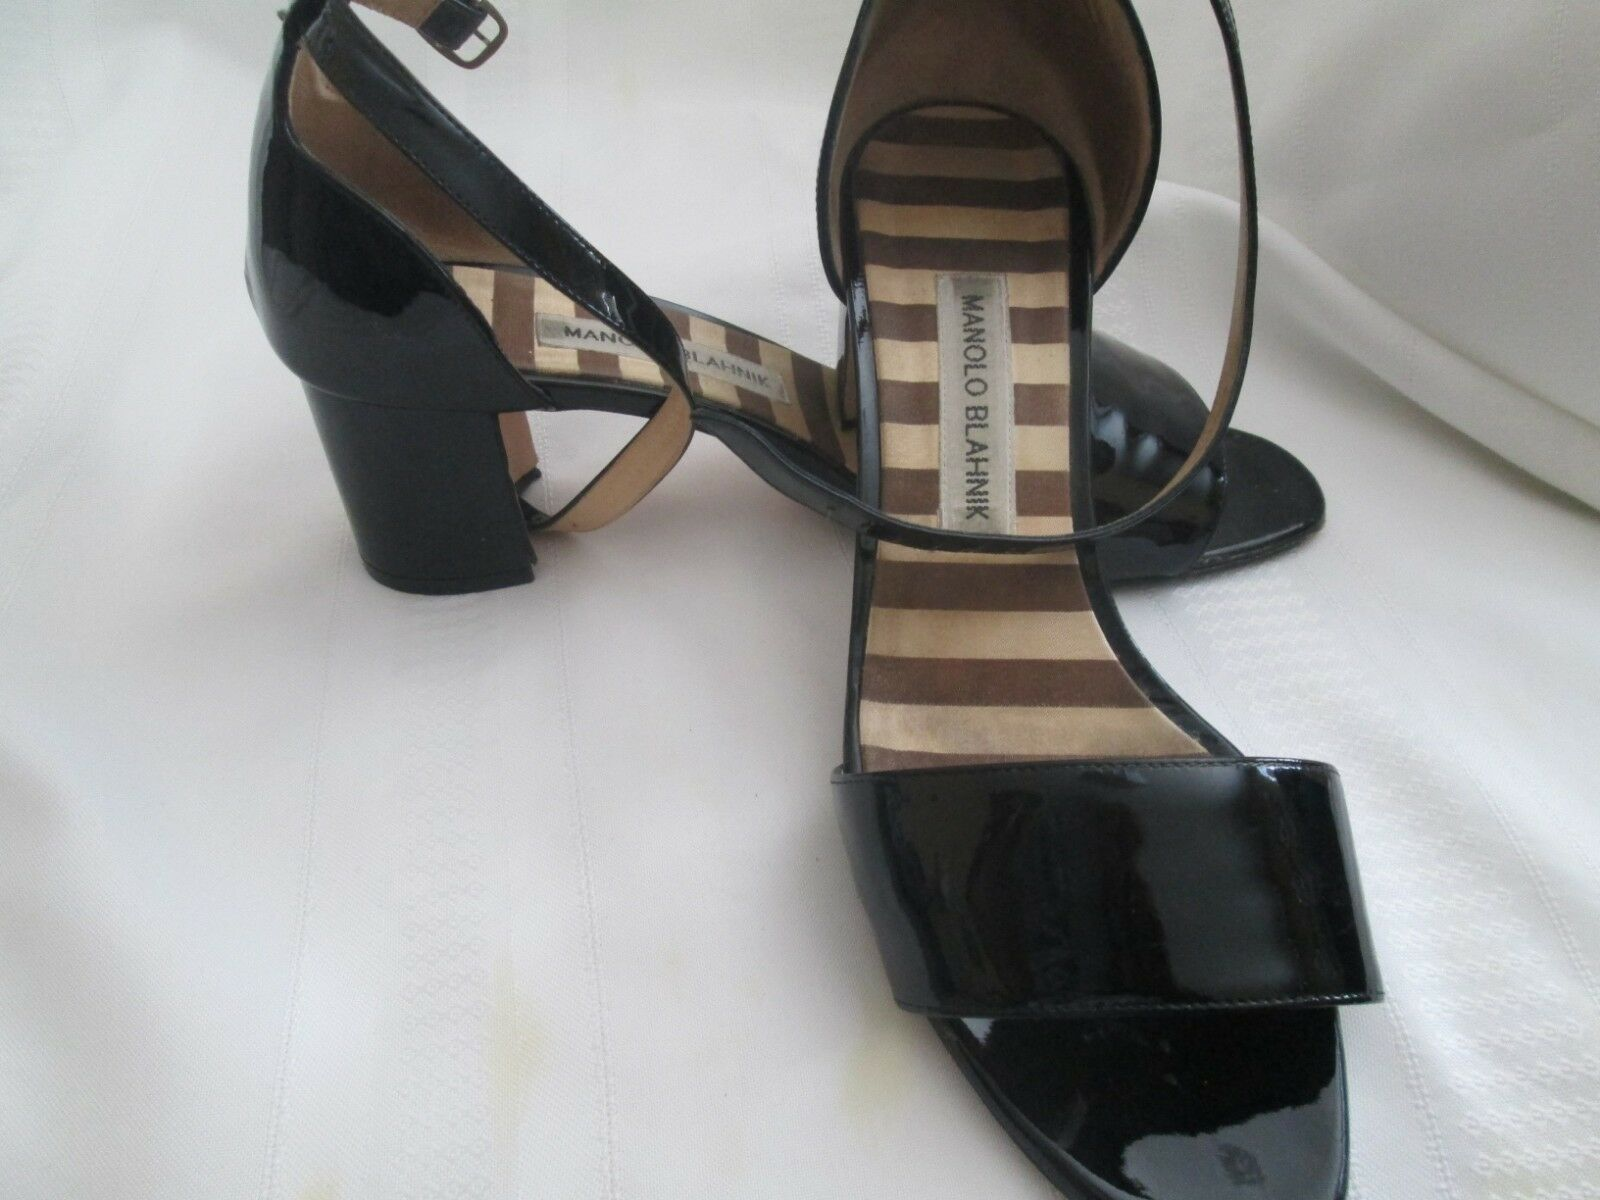 Monolo blahnik  brevetto leter ankle sandali,nero,8.5,made in   negozio a basso costo